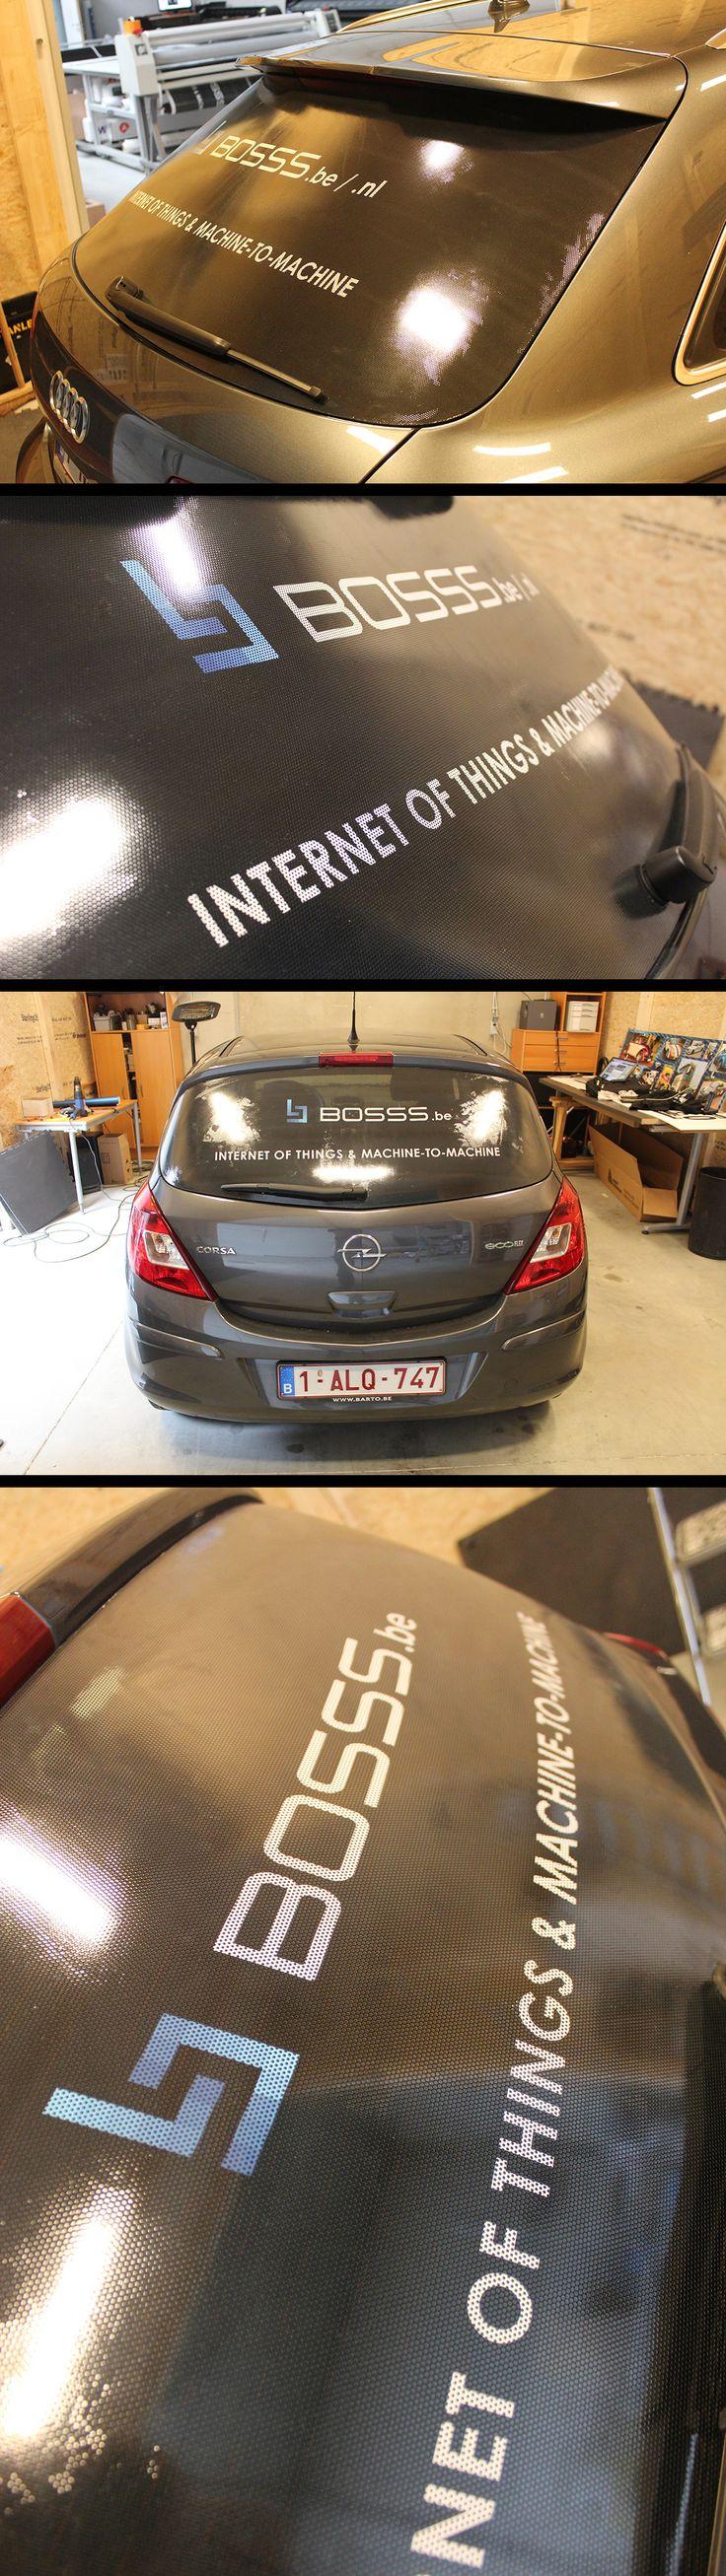 Full color prints op een (40% geperforeerde) One way vision printfolie met gloss beschermlaminaat op de achterruit van Audi A6 en Opel Corsa voor Bosss.